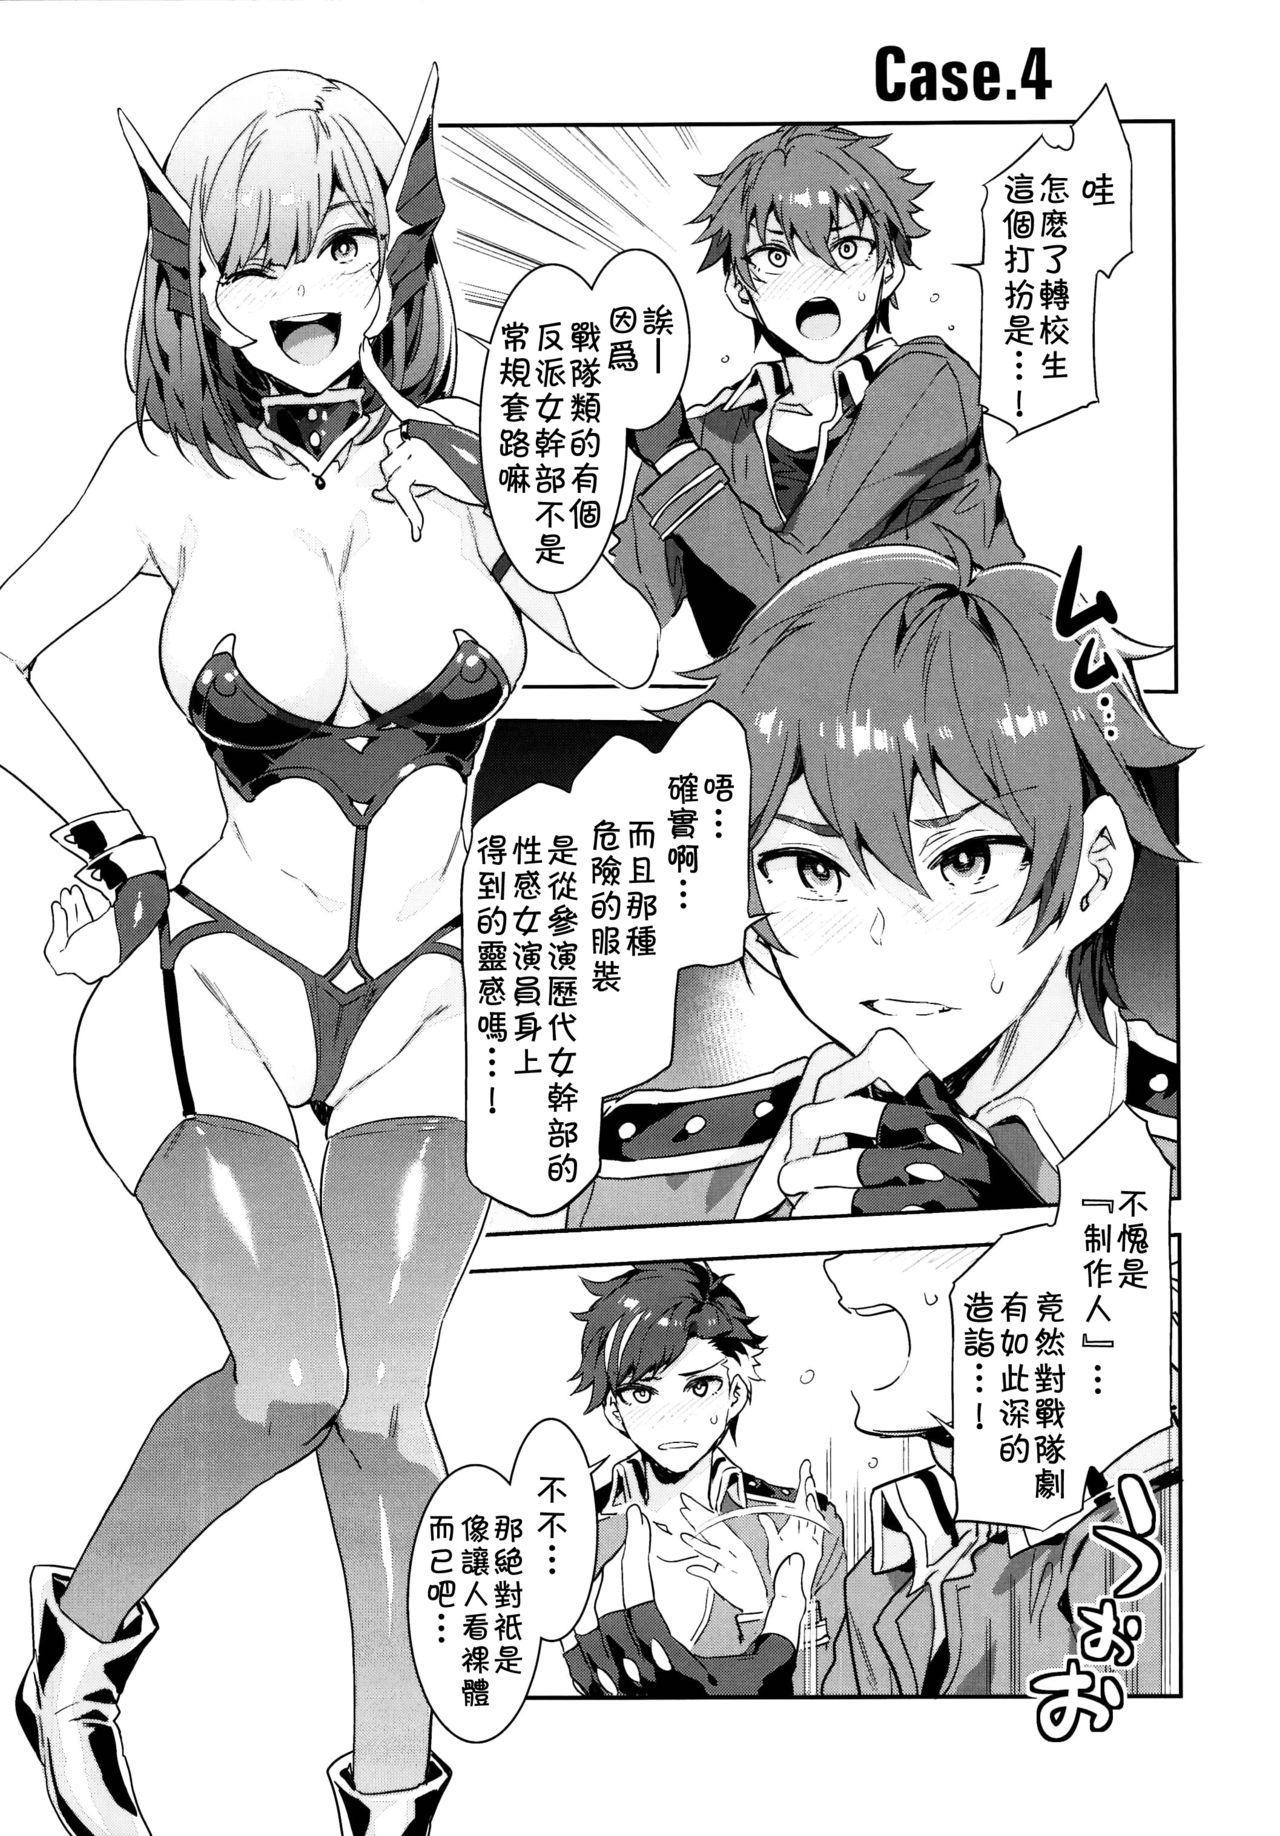 Yumenosaki Gakuin no Tenkousei-chan ga Idol no Tamago o Kuiarashiteru tte Hontou desu ka!? 24